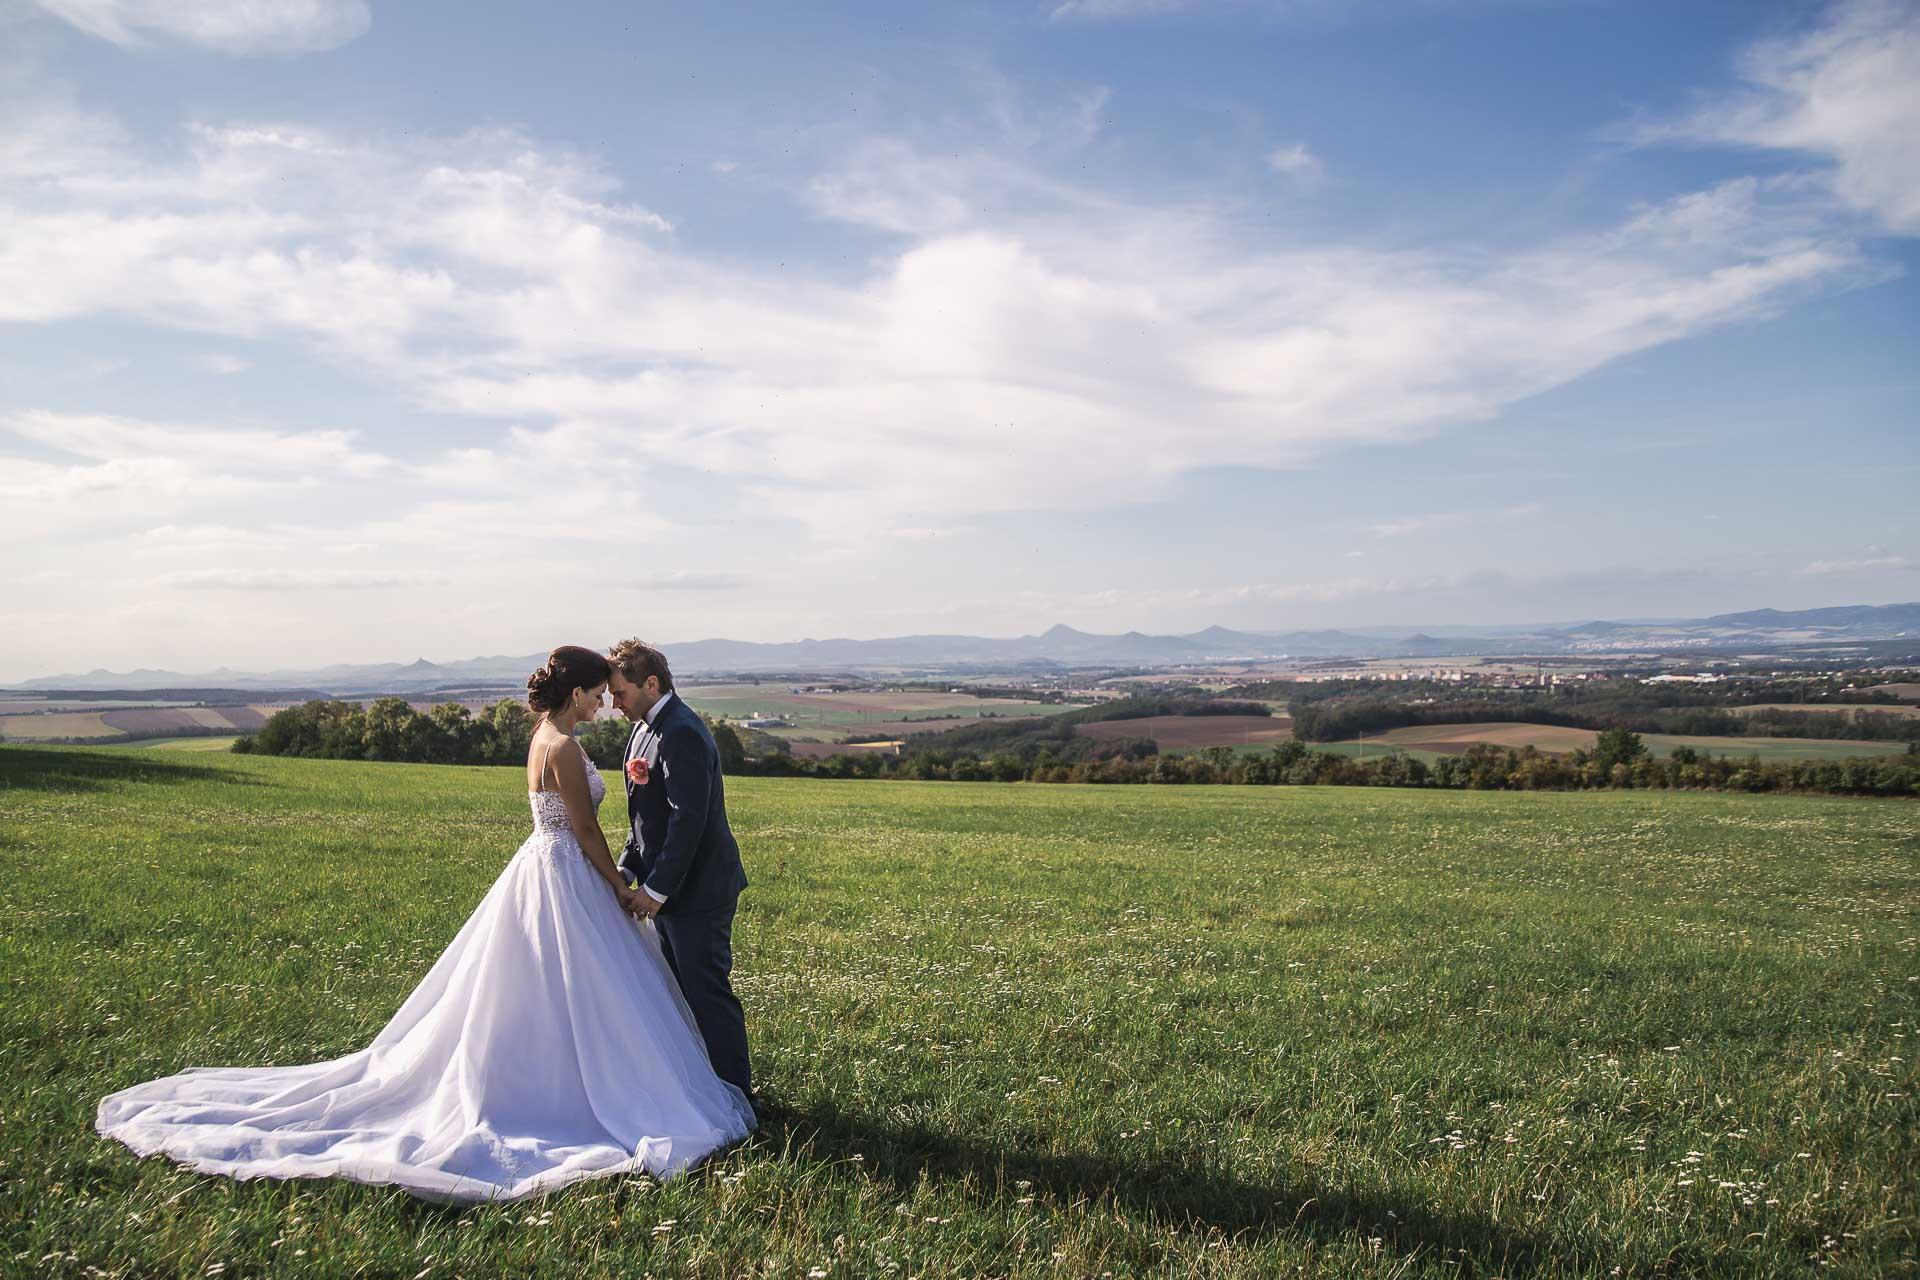 svatební-fotografie-Říp-svatební-video-ŘÍP-svatební-fotograf-ŘÍP-svatba-Mělník-svatba-Neratovice-fotograf-na-savtbu-kameraman-na-svatbu-356